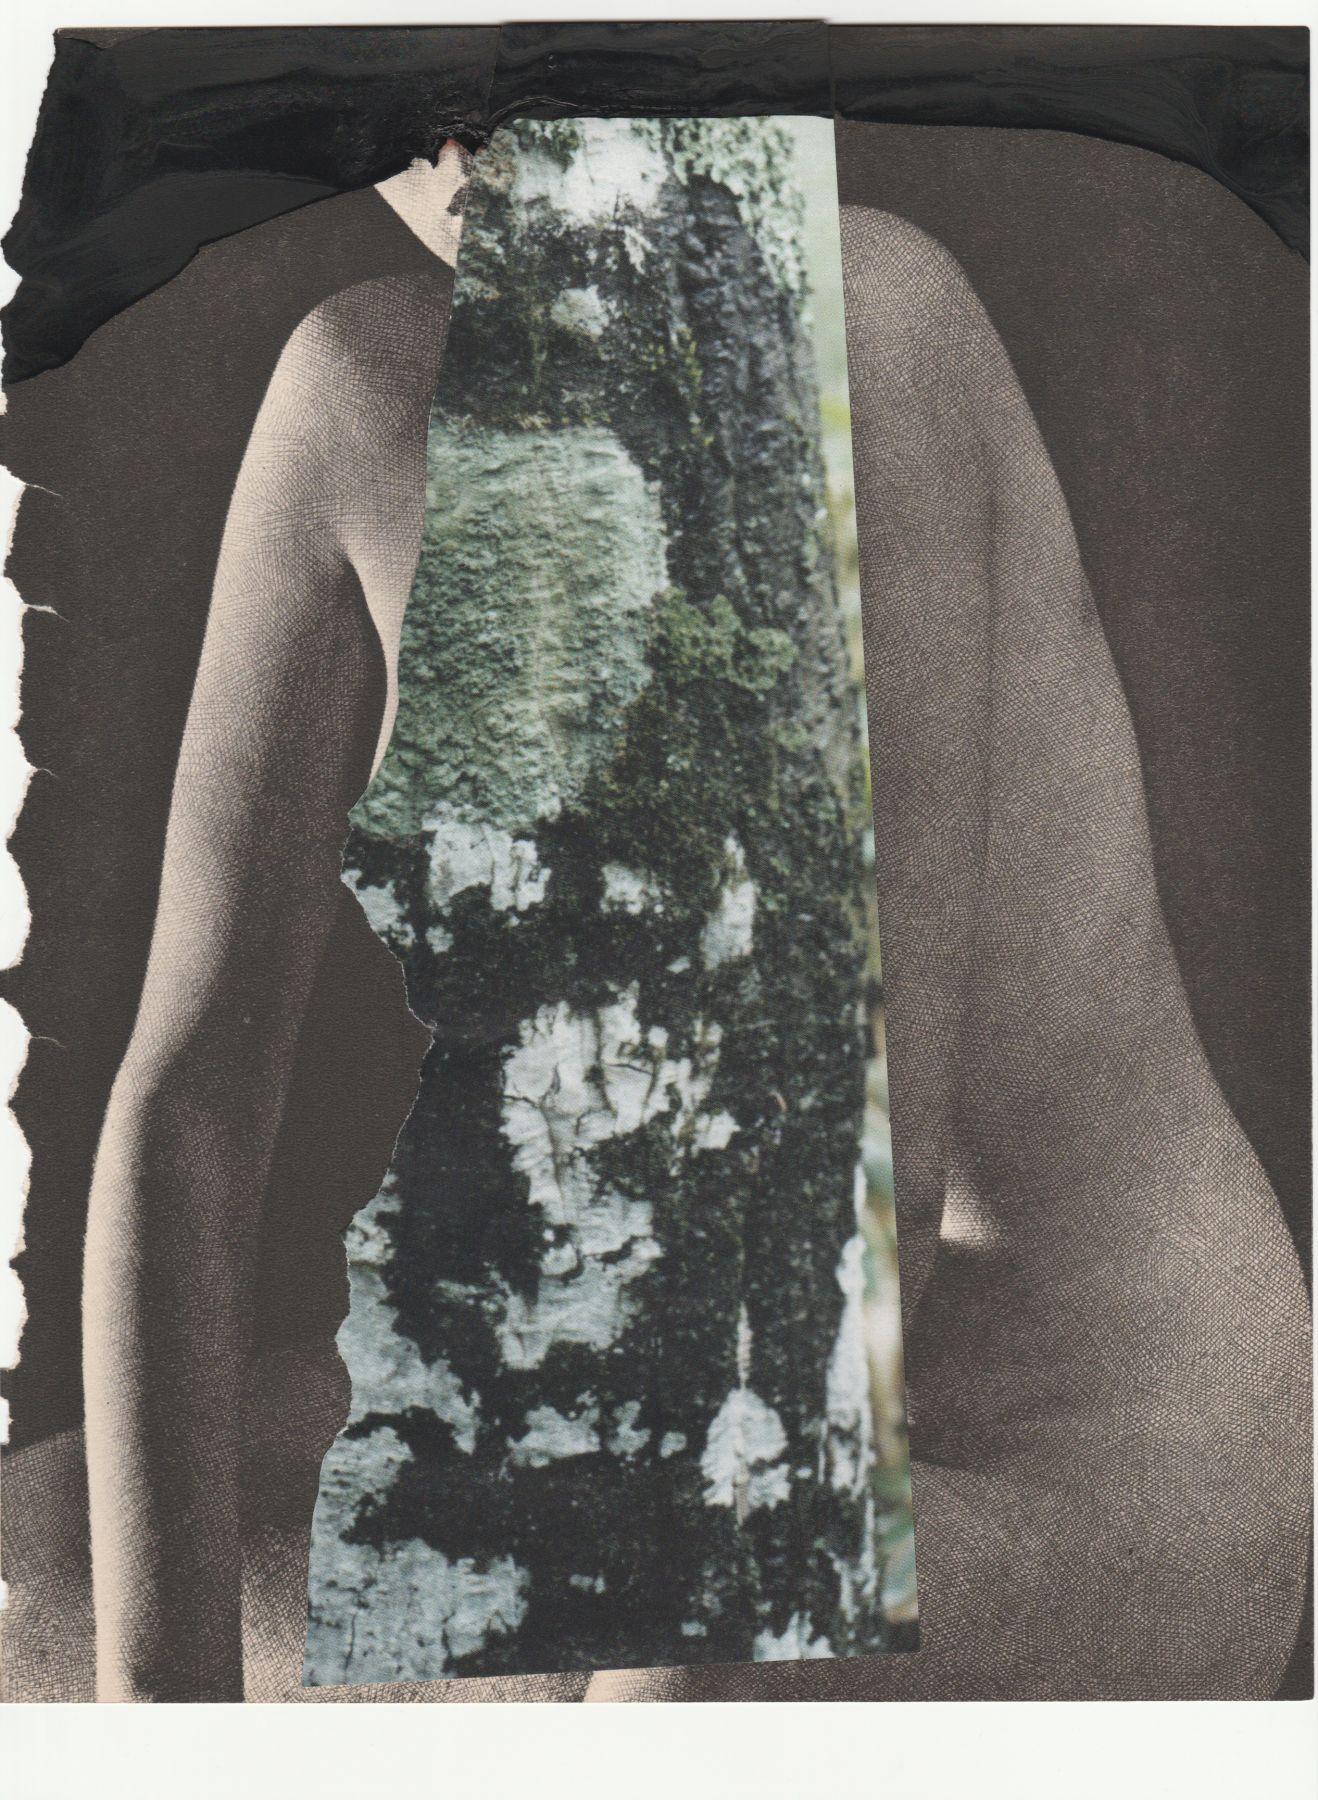 #18, Sondra Meszaros, 2016